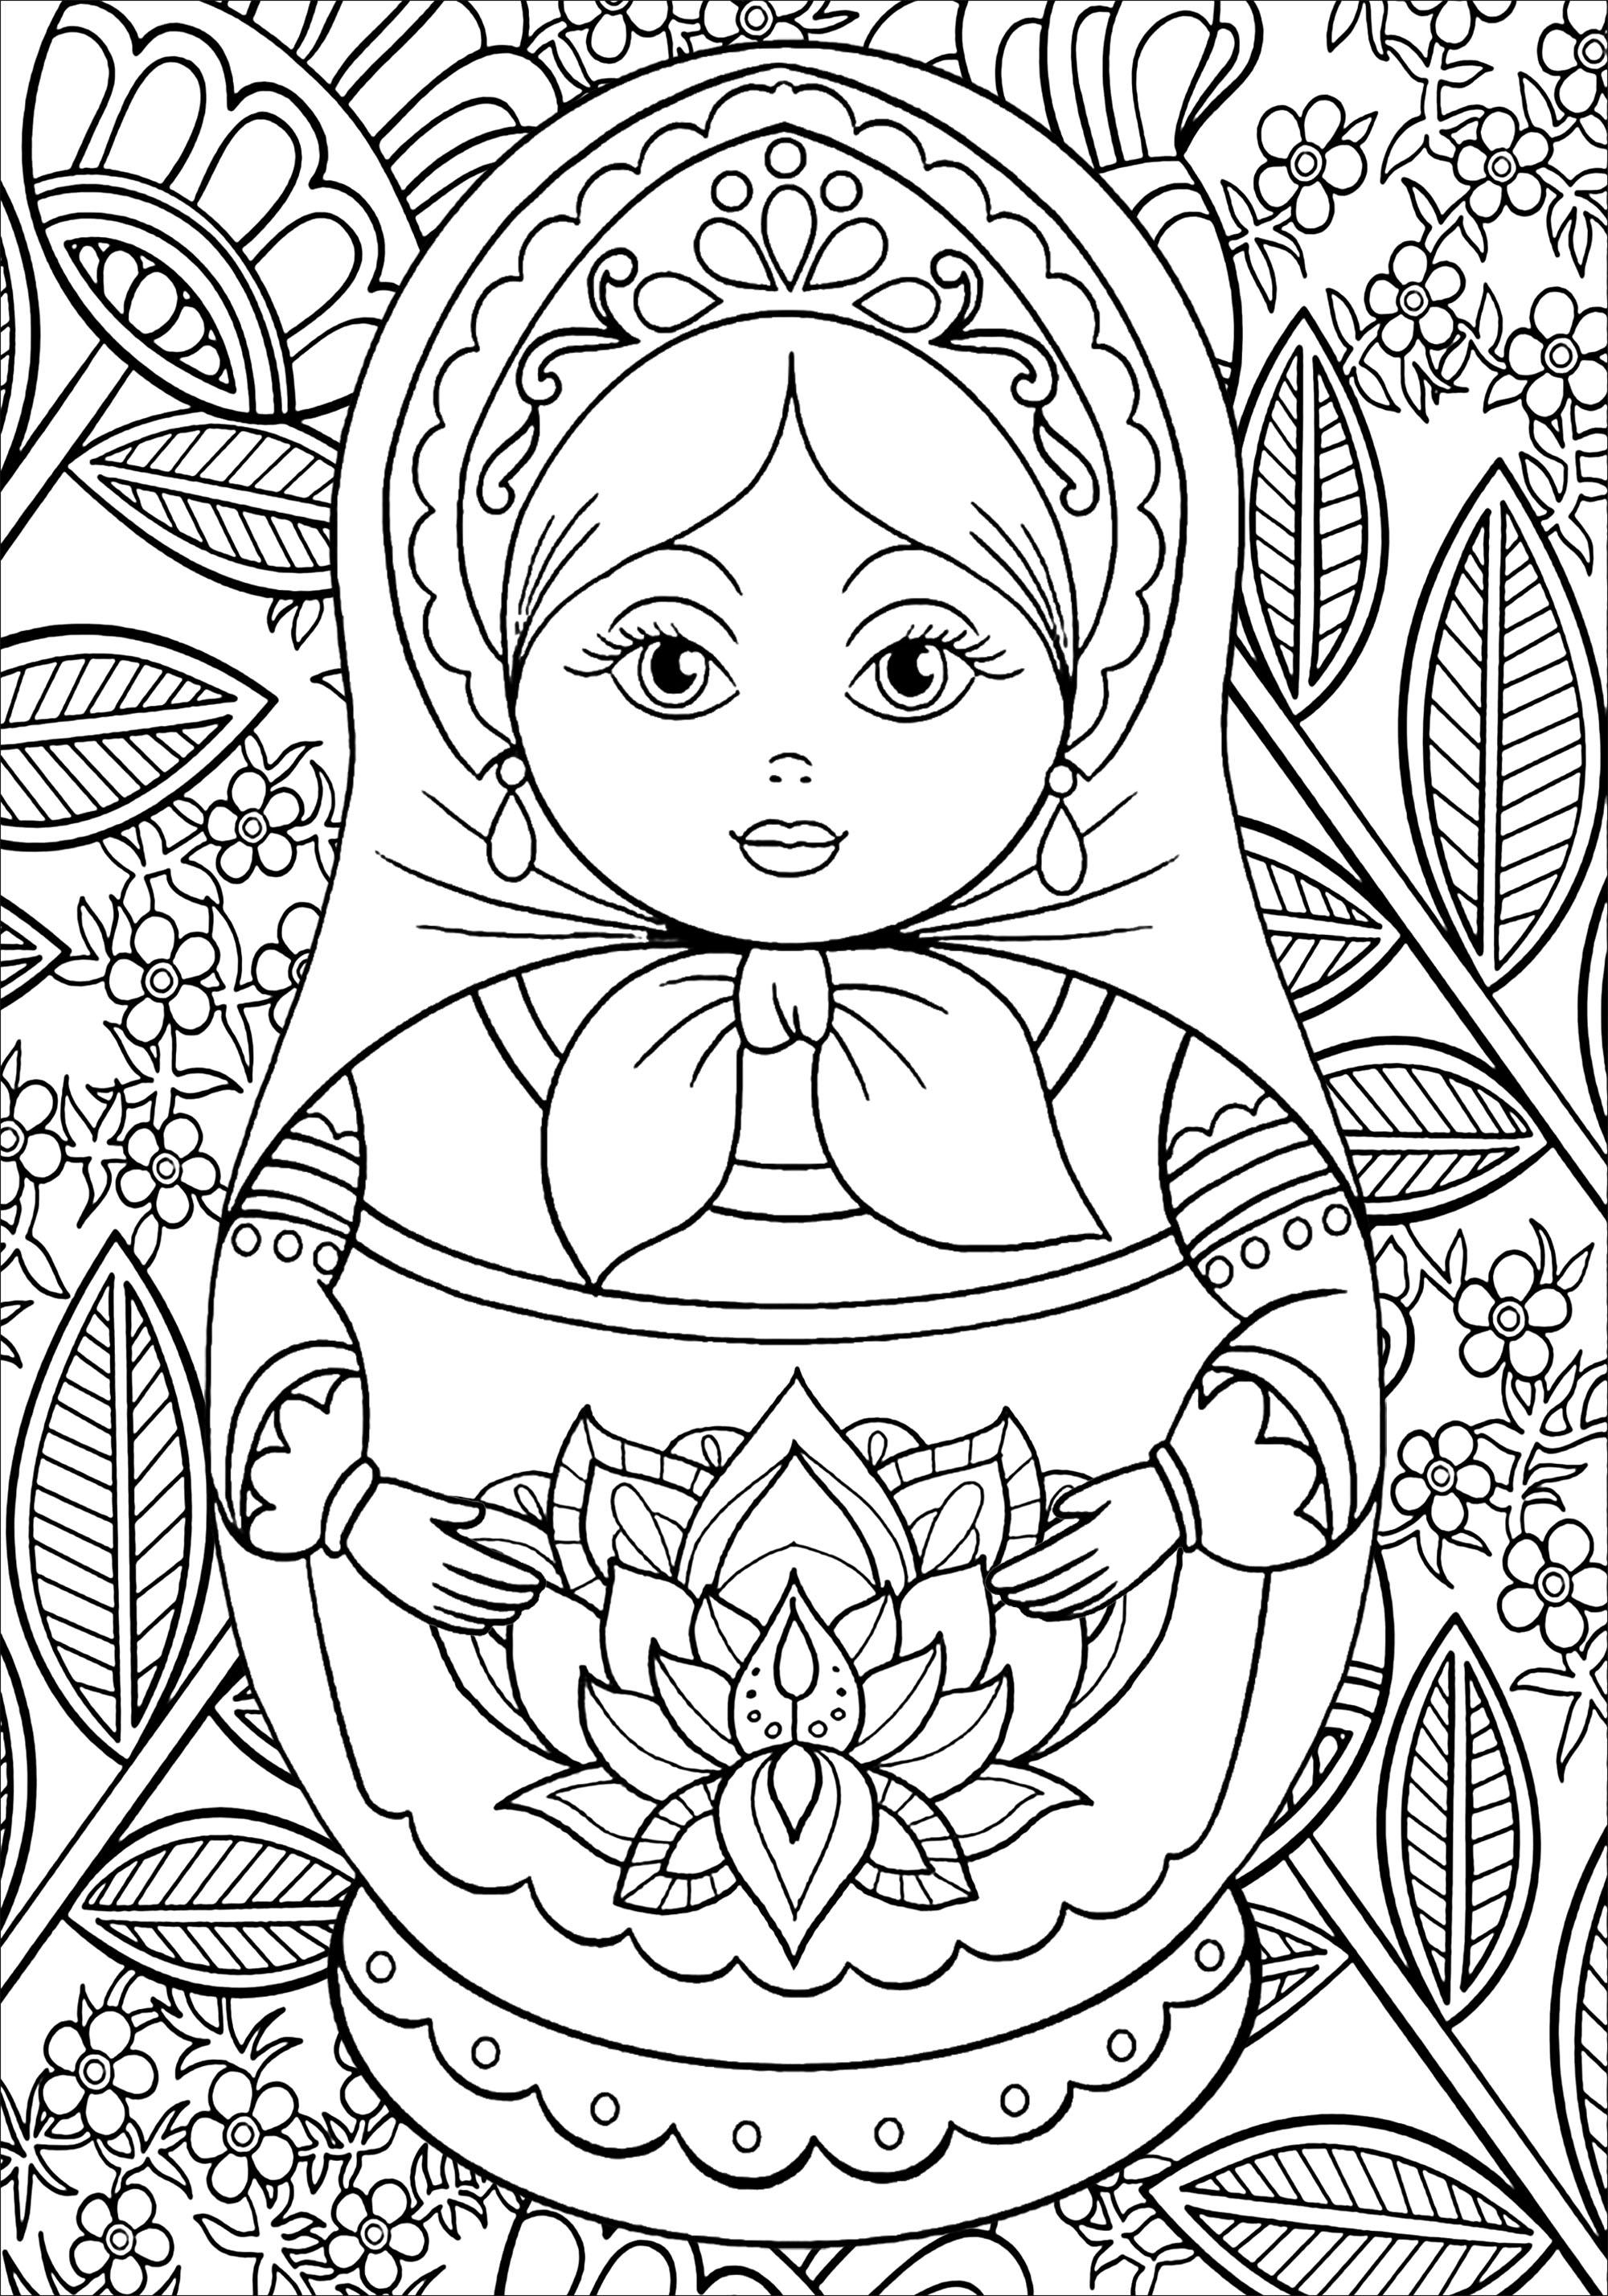 Sublime poupée russe à colorier, avec nombreuses fleurs, feuilles et autres motifs végétaux